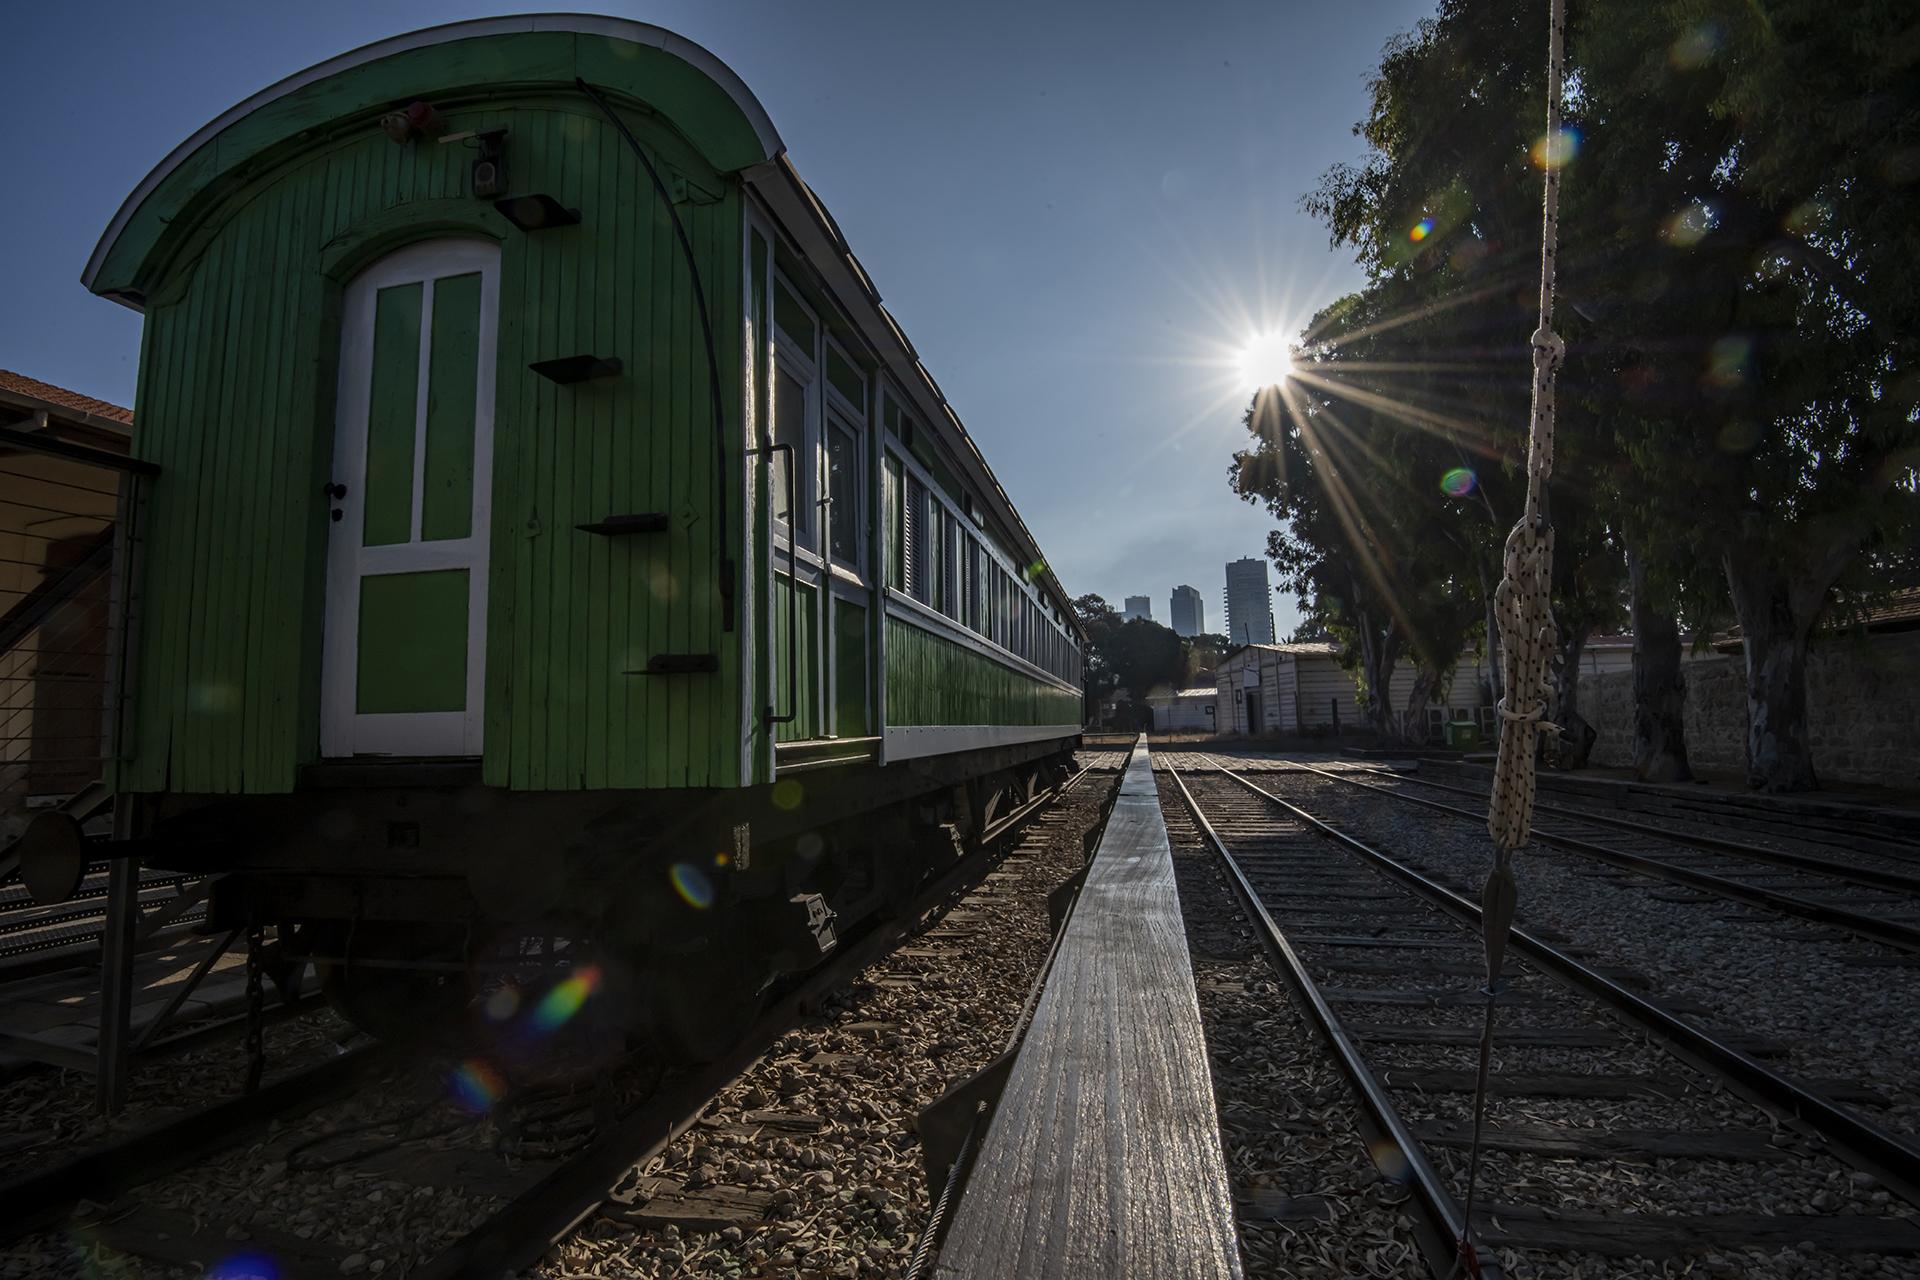 האור שבקצה - אוריינט אקספרס - רכבת דניאל קמחי - יואל שתרוג - אדמה יוצרת - yoel sitruk